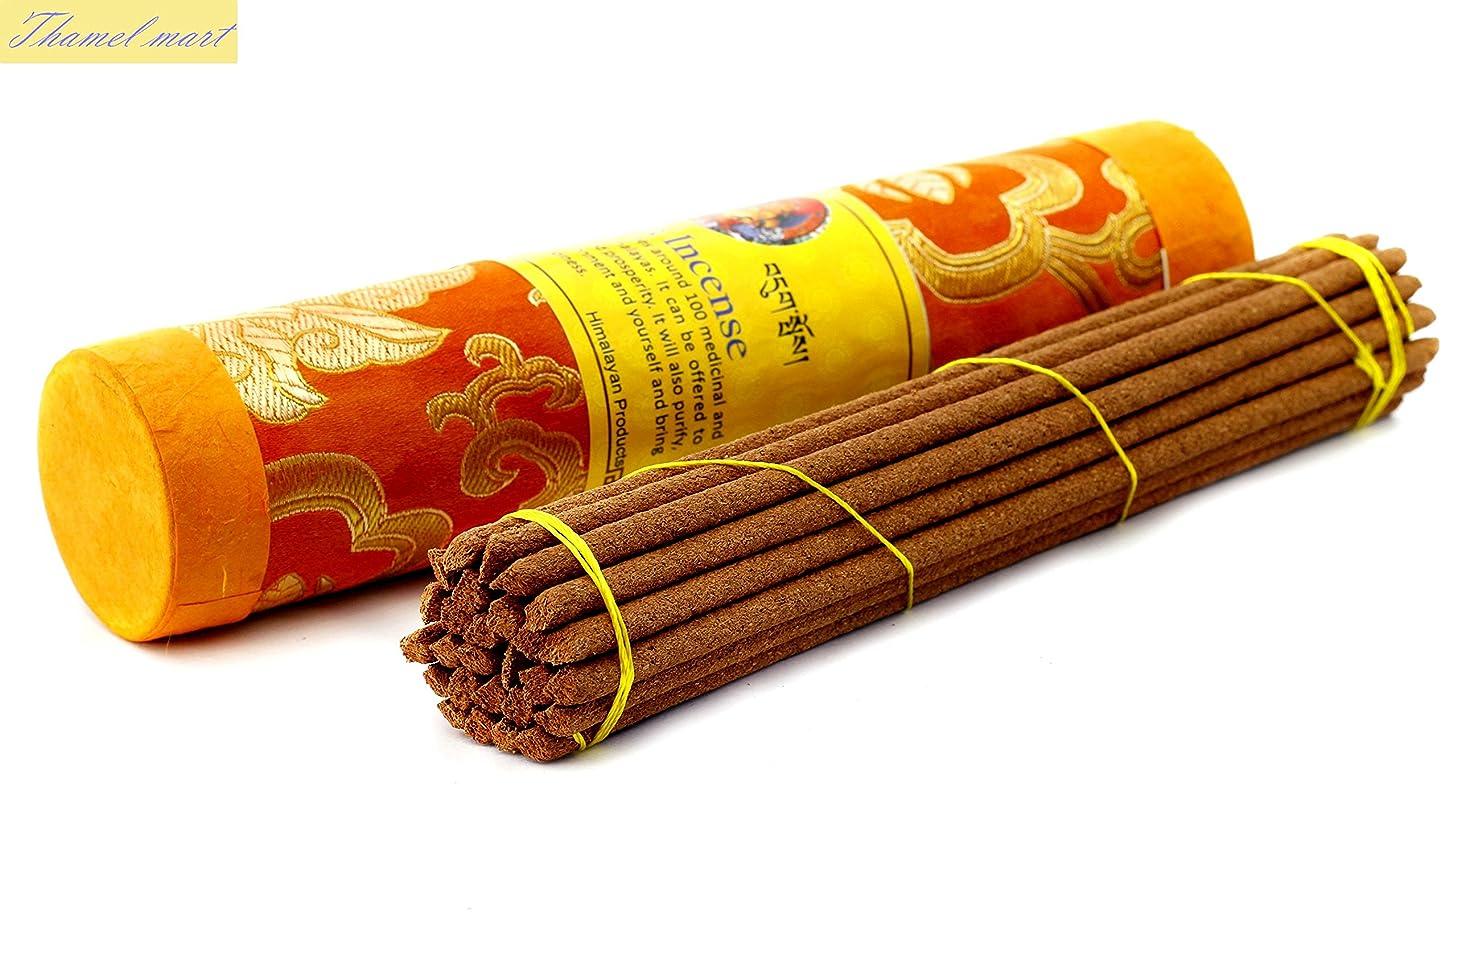 優先サイクル磁気Zambala Tibetan Incense Sticks?–?Spiritual & Medicinal Relaxation Potpourrisより?–?効果的& Scented Oils